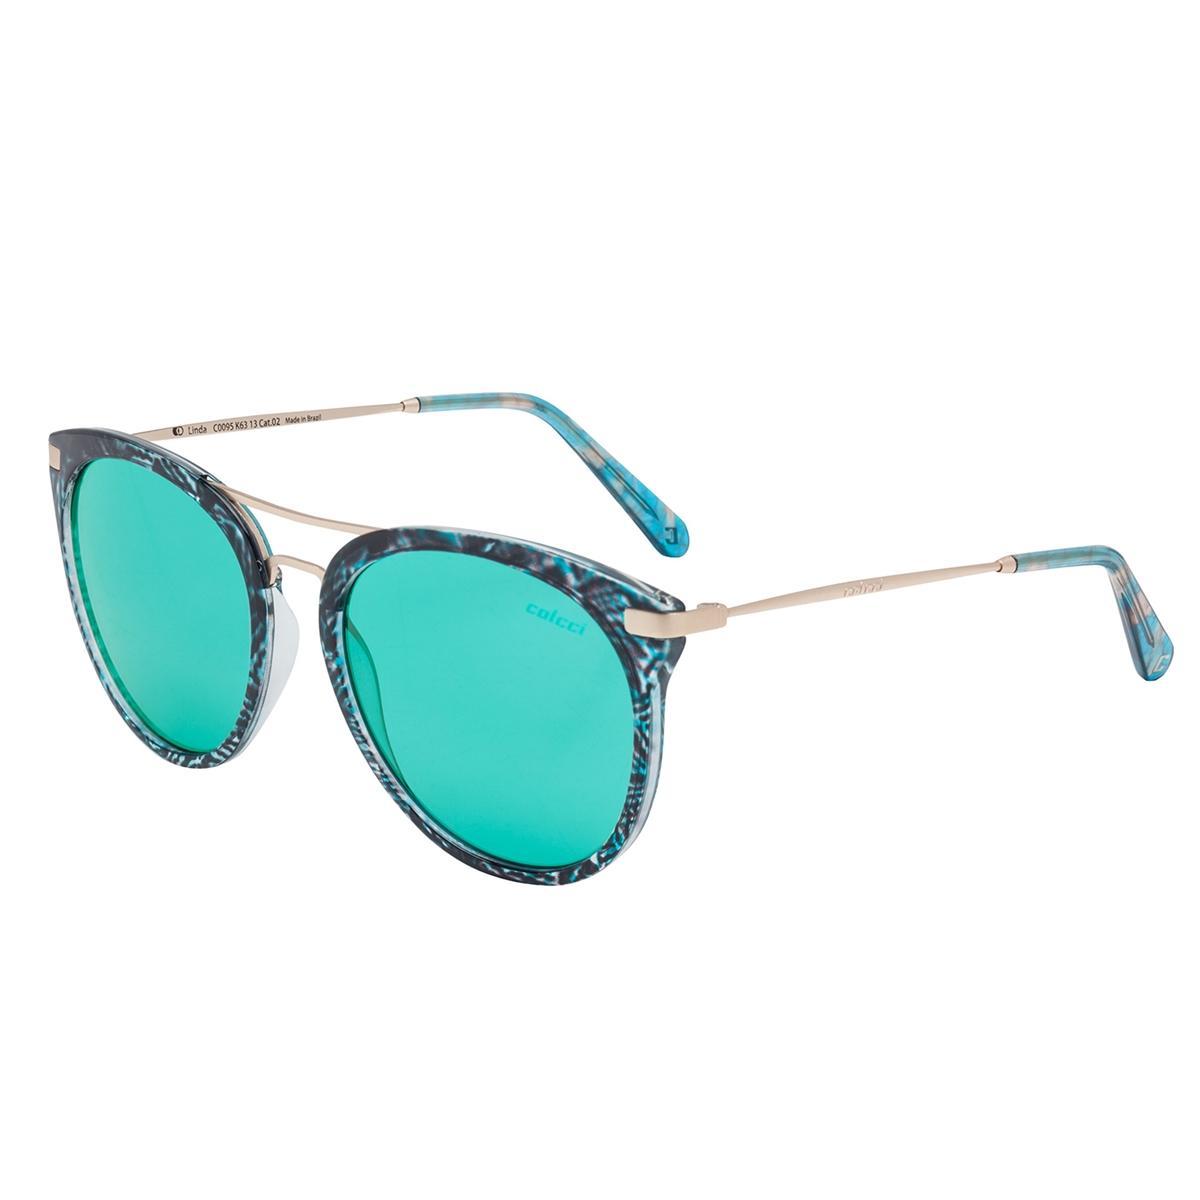 Óculos De Sol Verde Turquesa E Preto Com Dourado C0095K6313 Colcci R   339,00 à vista. Adicionar à sacola be4eb49a8c